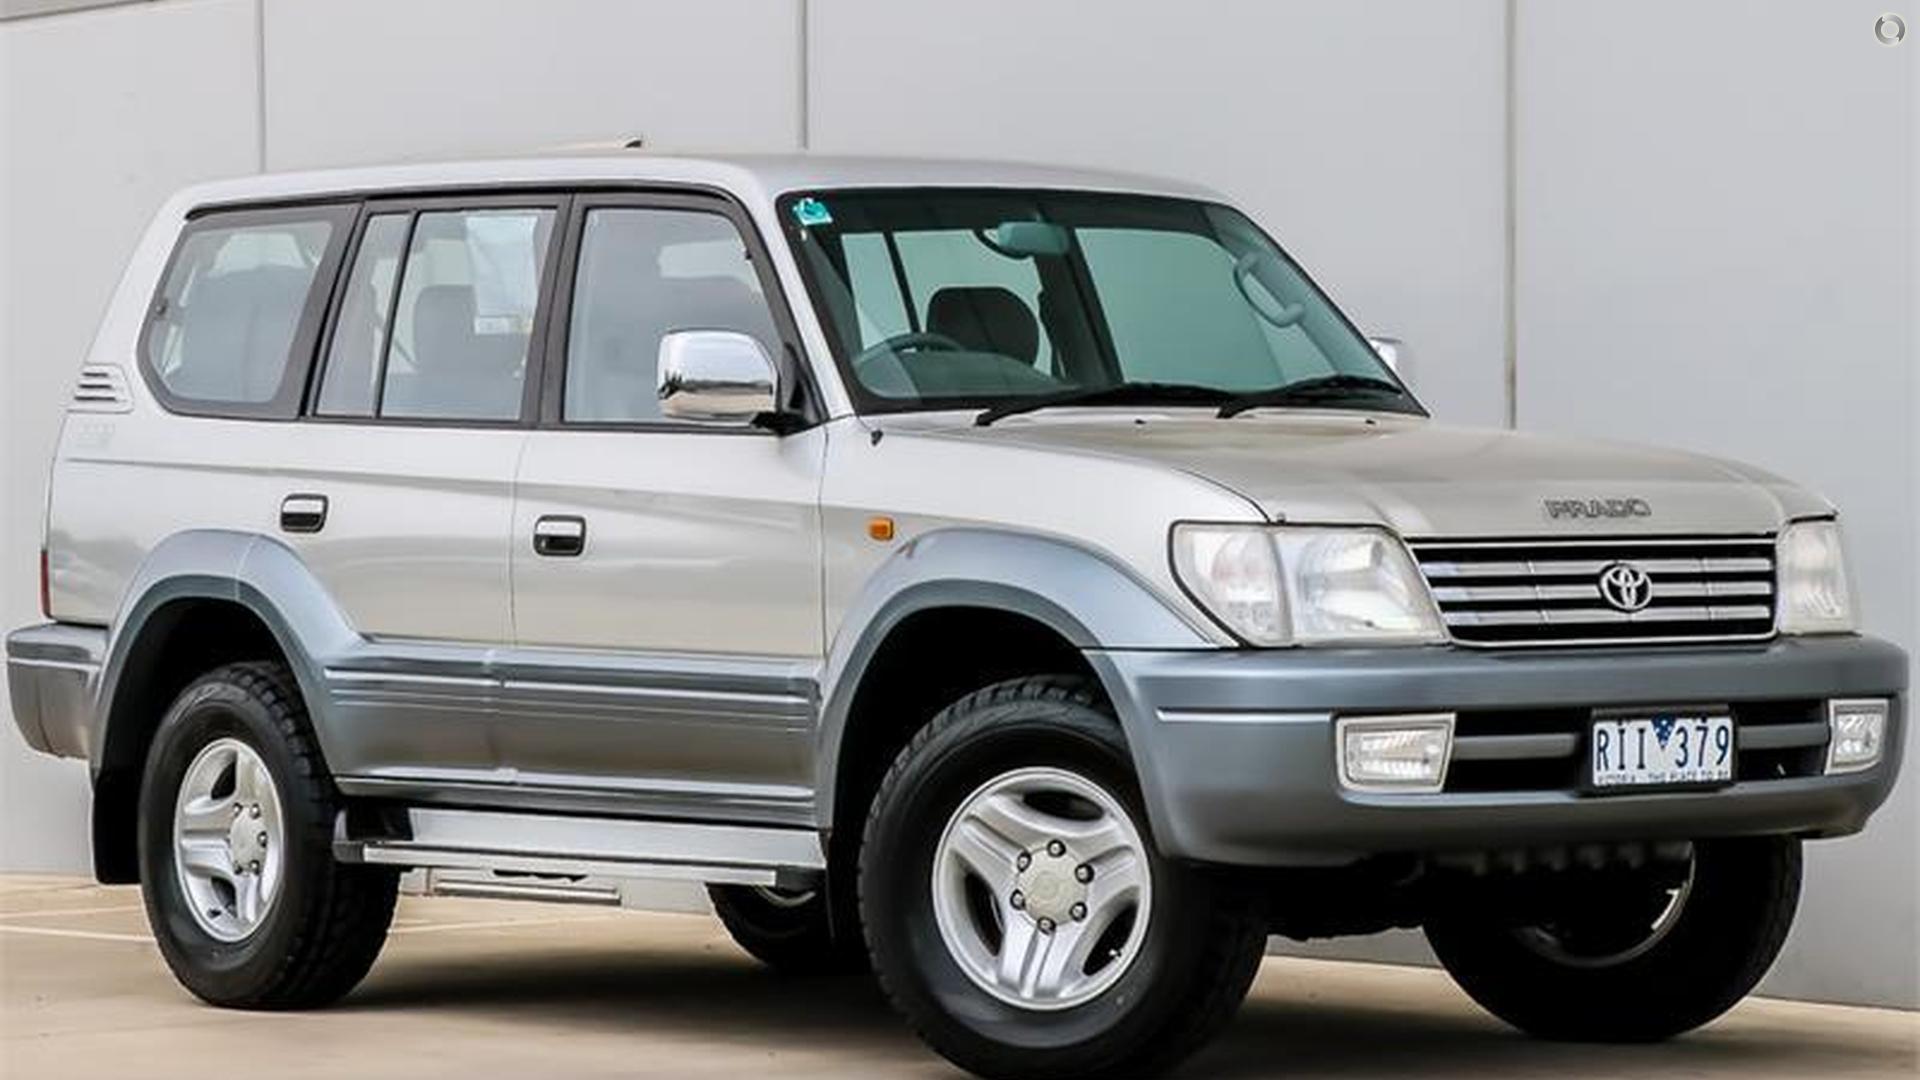 2001 Toyota Landcruiser Prado KZJ95R